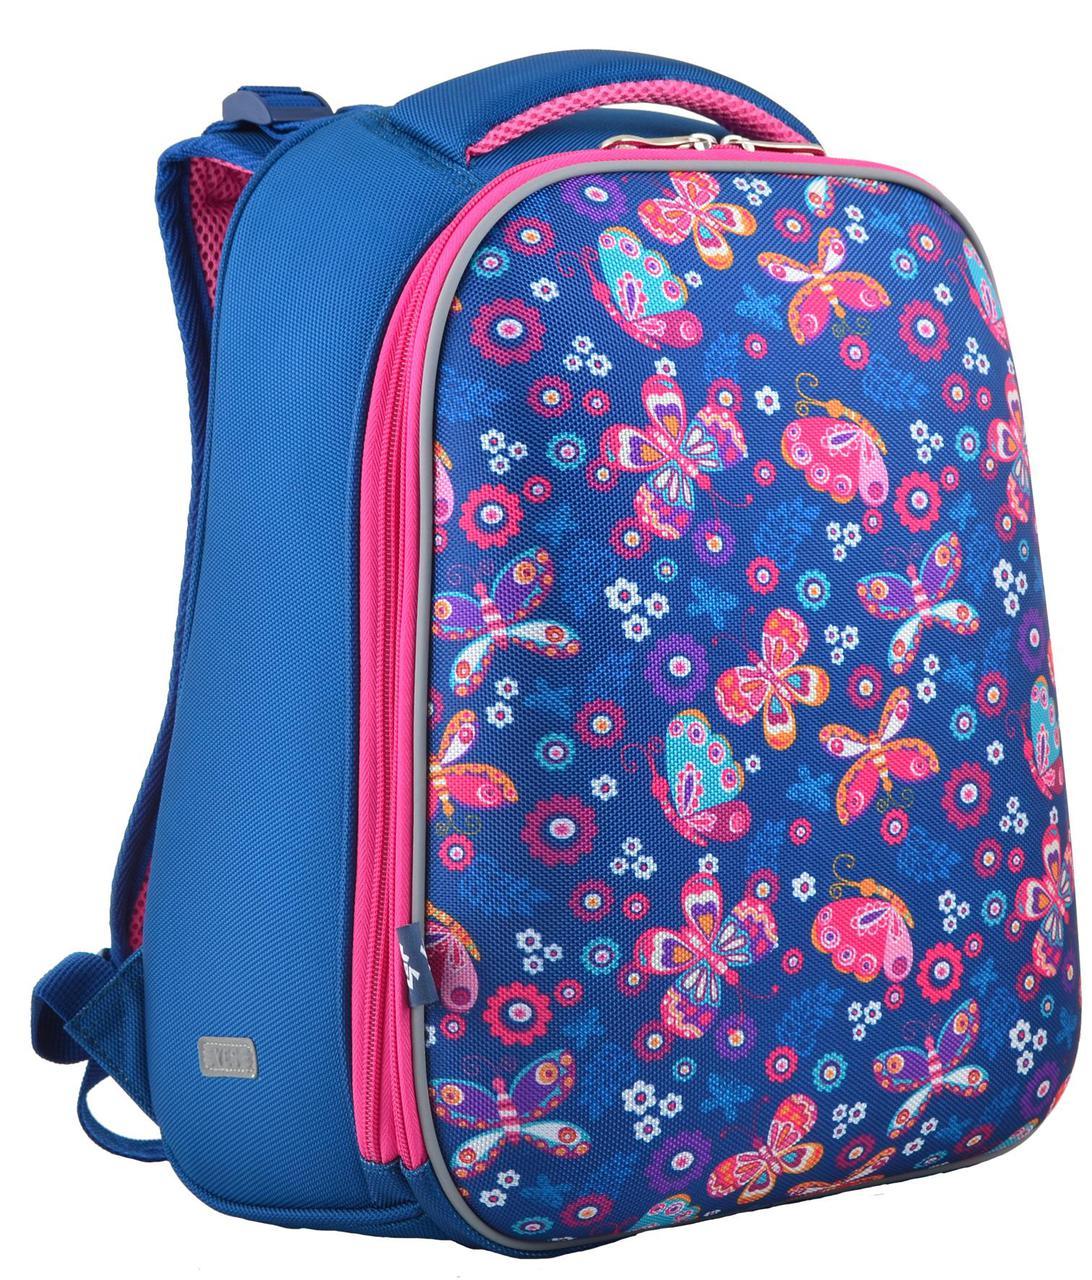 Рюкзак в школу 1 Вересня H-12-1 Butterfly,  554488, 16 л, синий